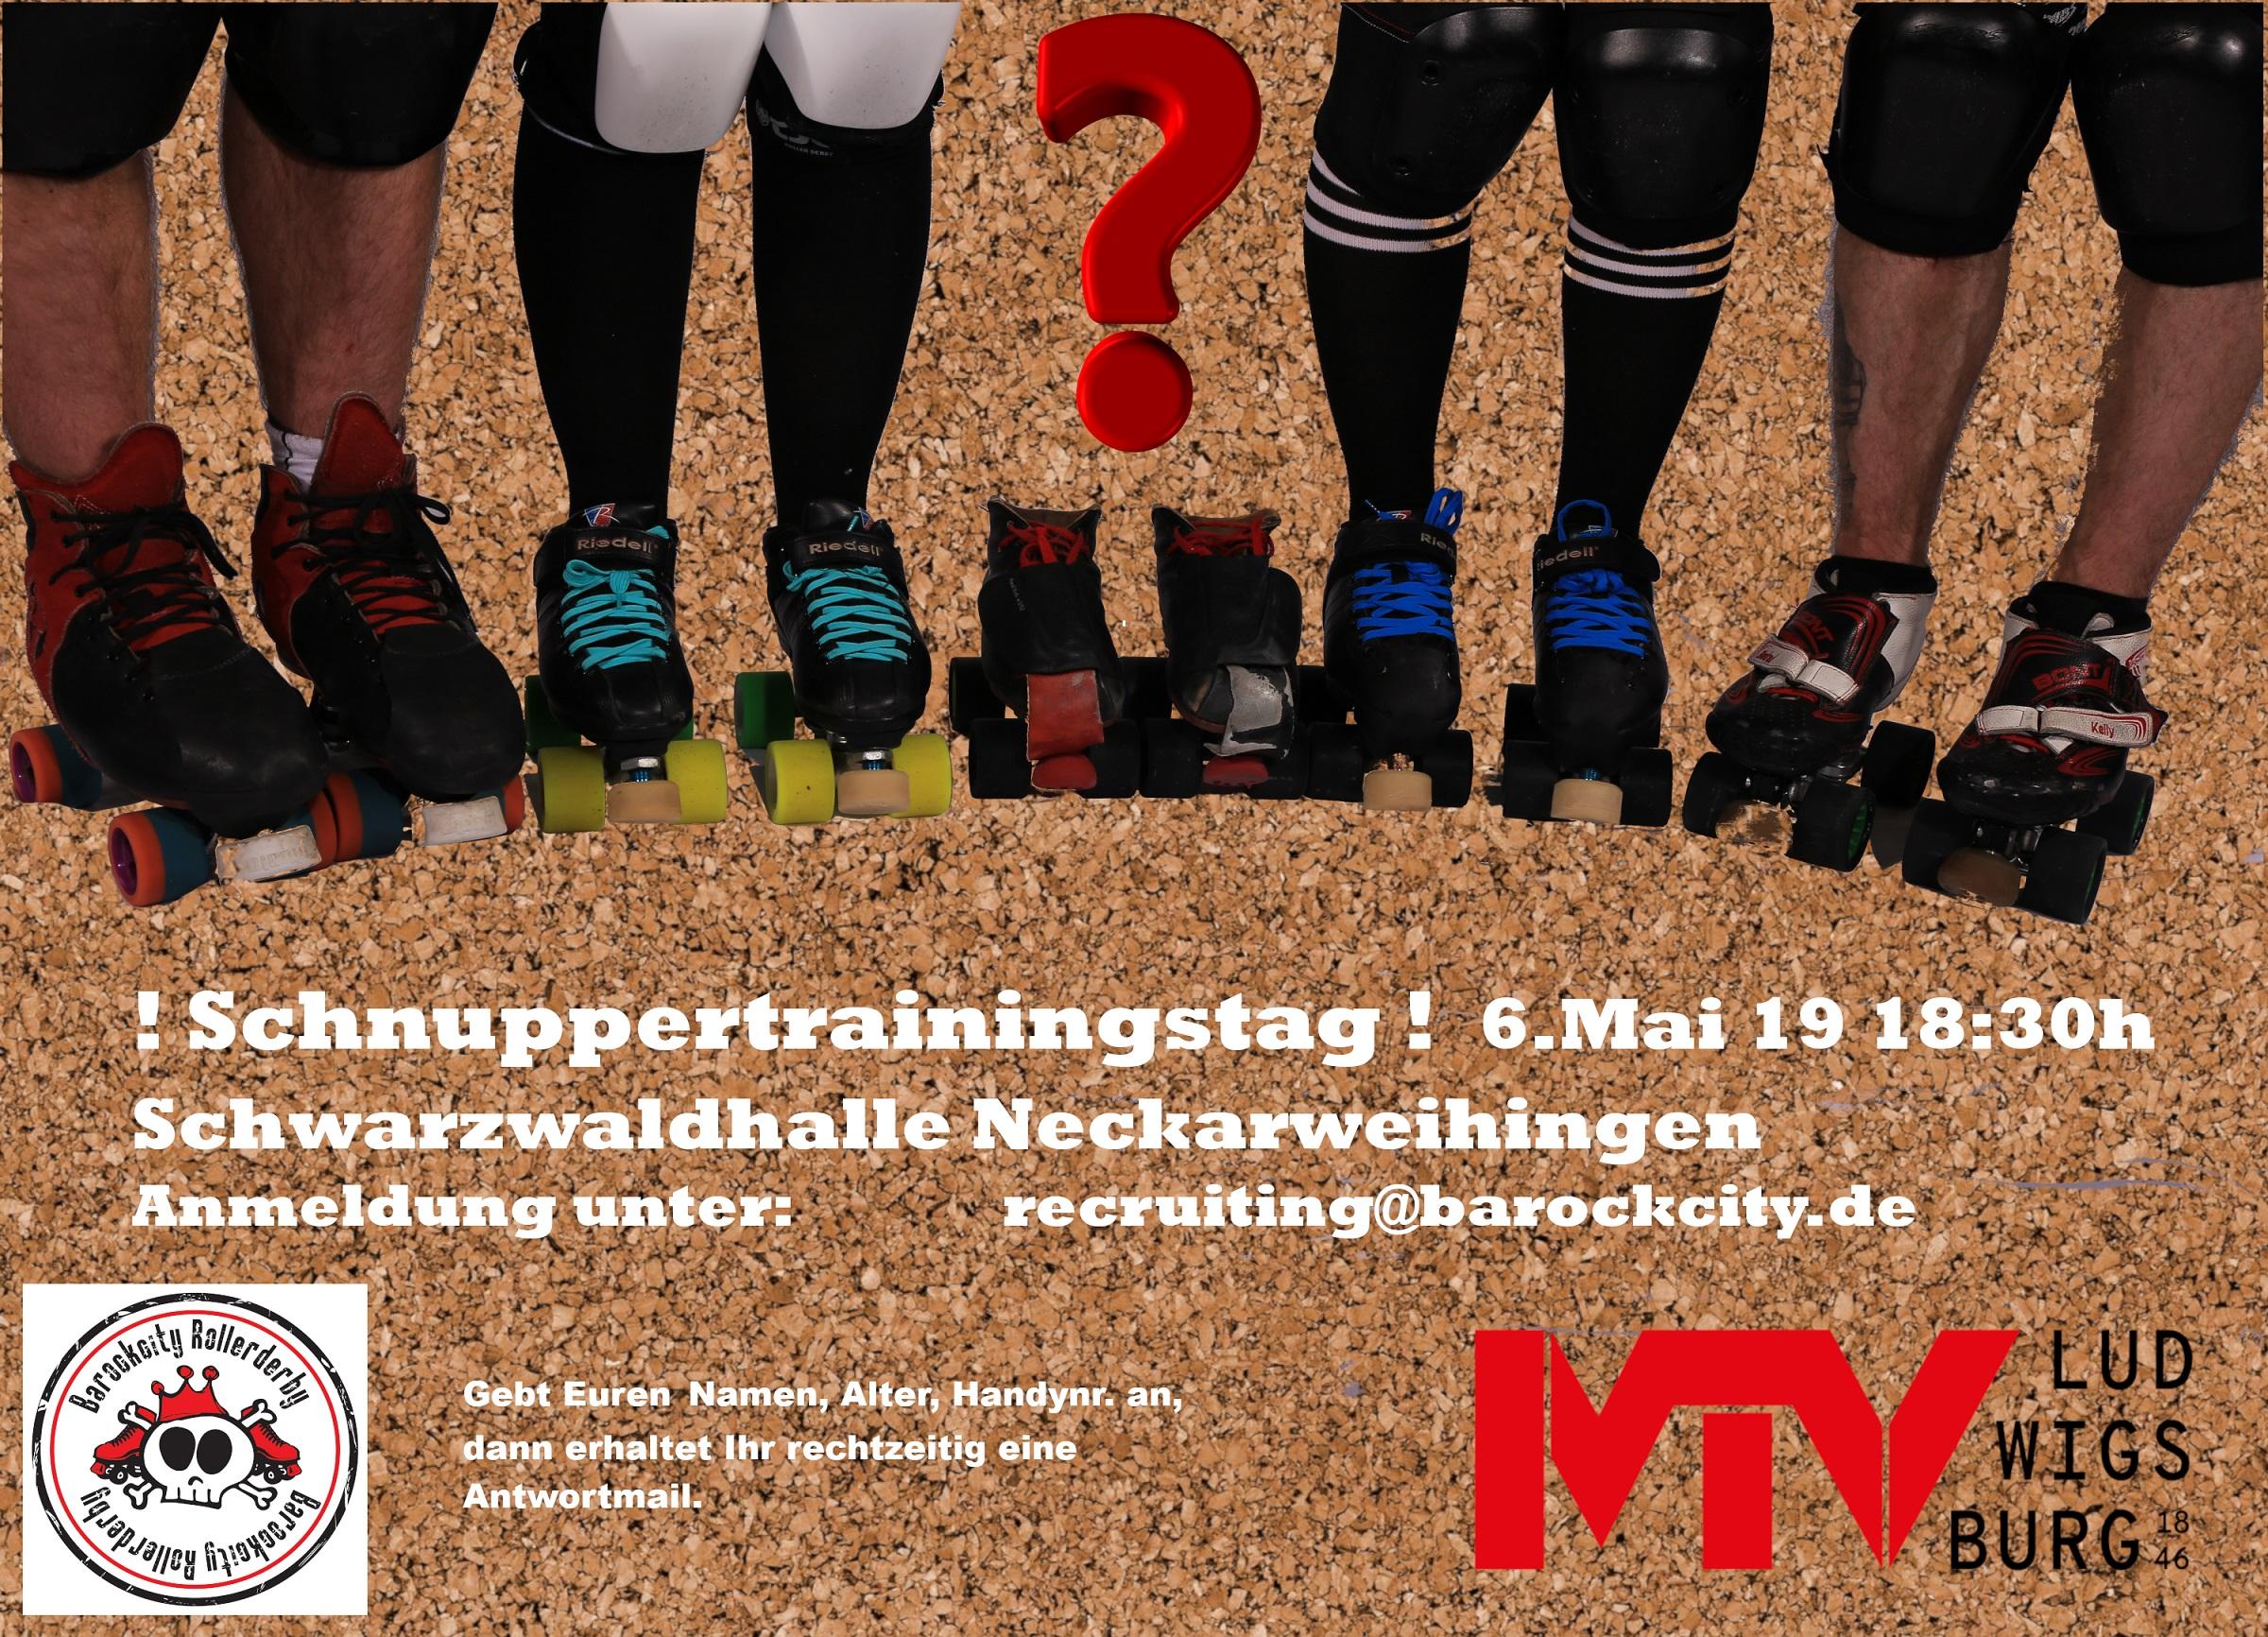 Schnuppertraining Rollerderby - Rollerderby Schnuppertraining